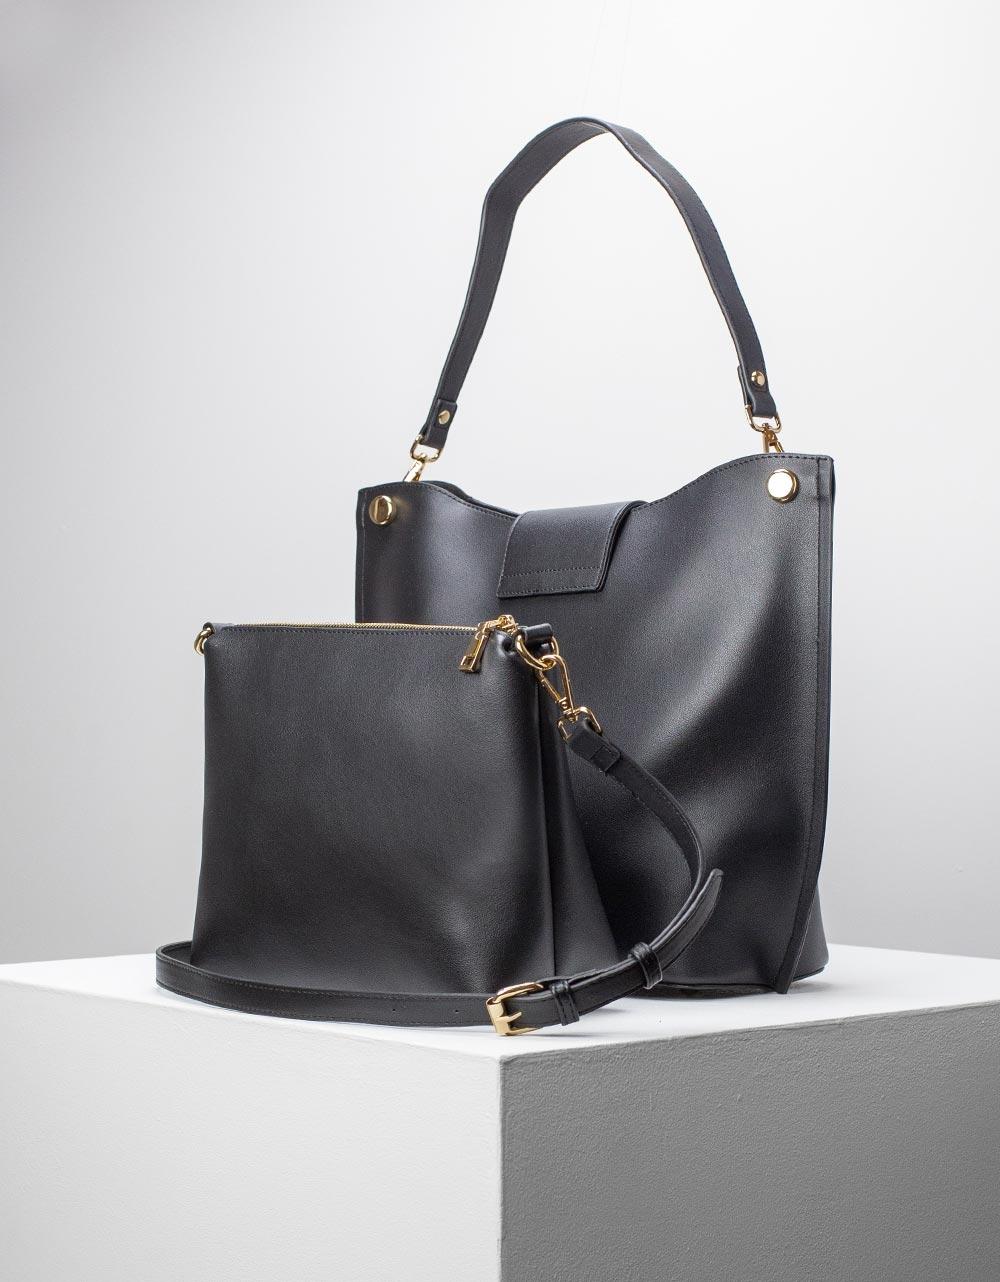 Εικόνα από Γυναικεία τσάντα ώμου εσωτερικό τσαντάκι Μαύρο